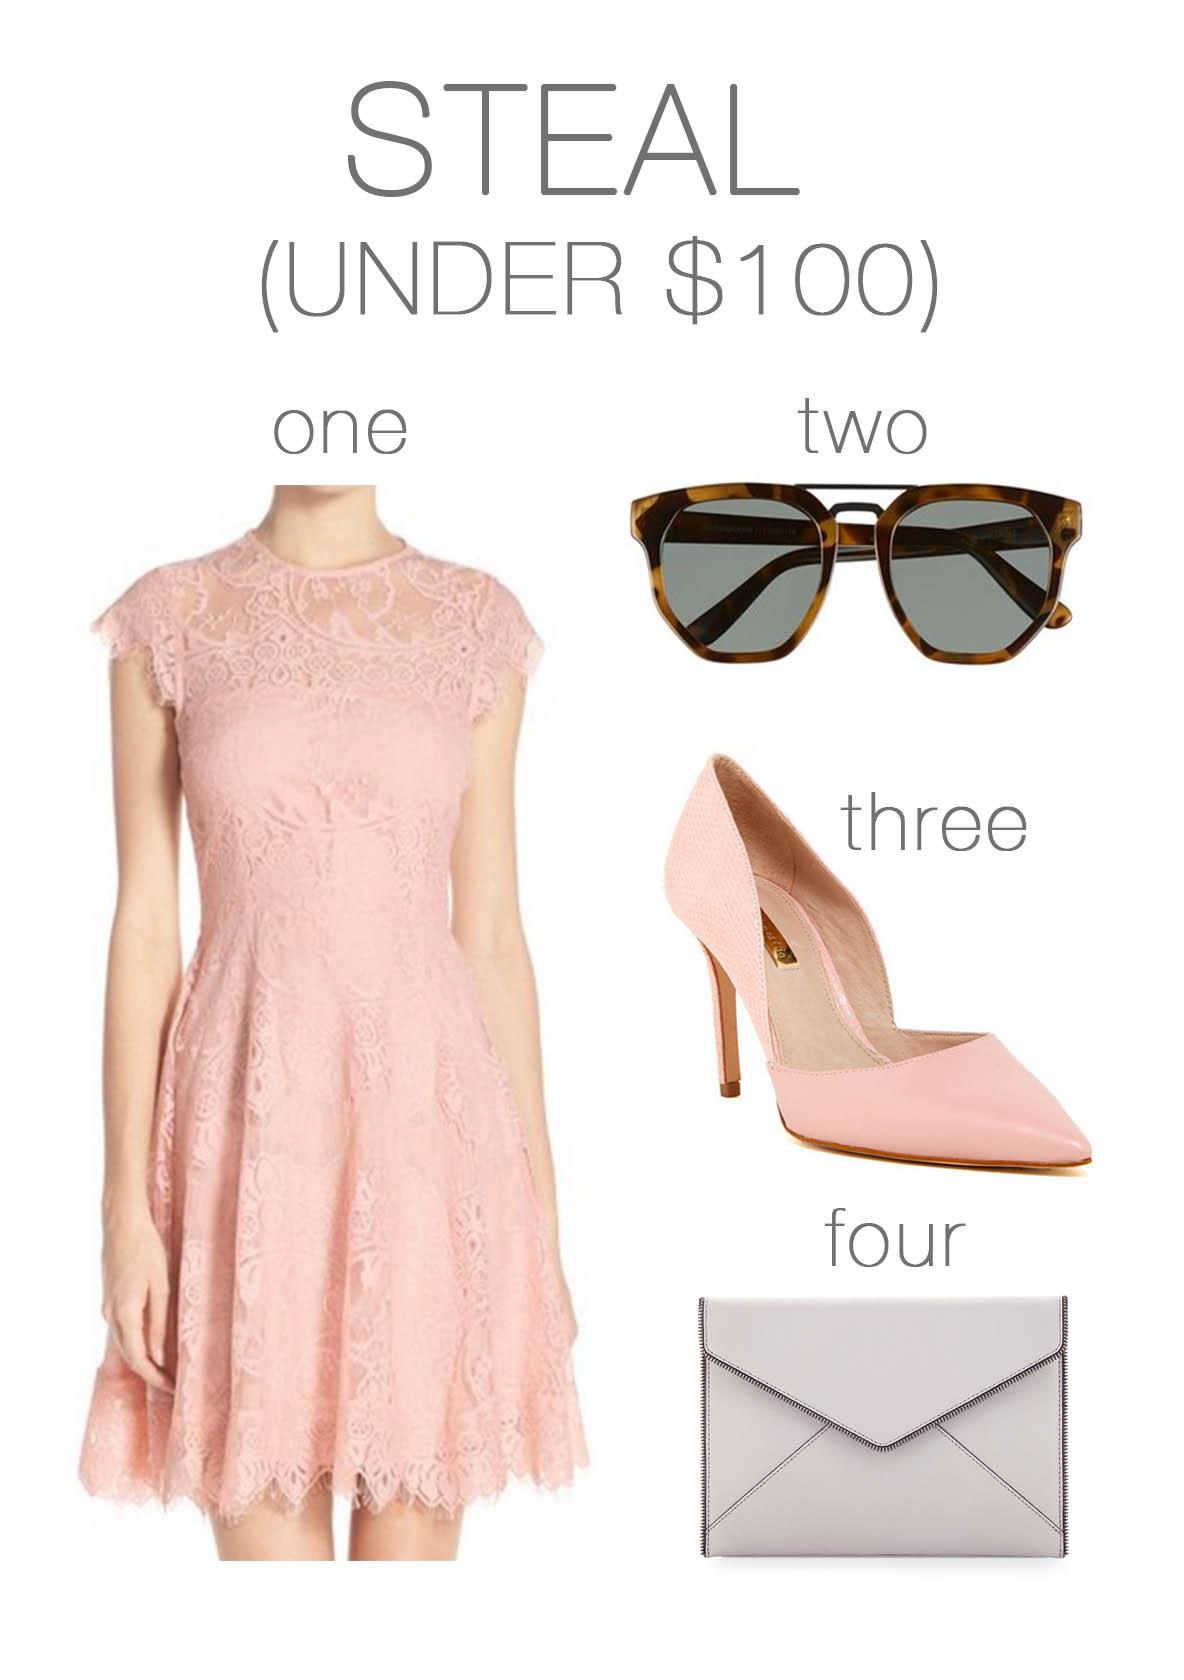 wedding attire under $100